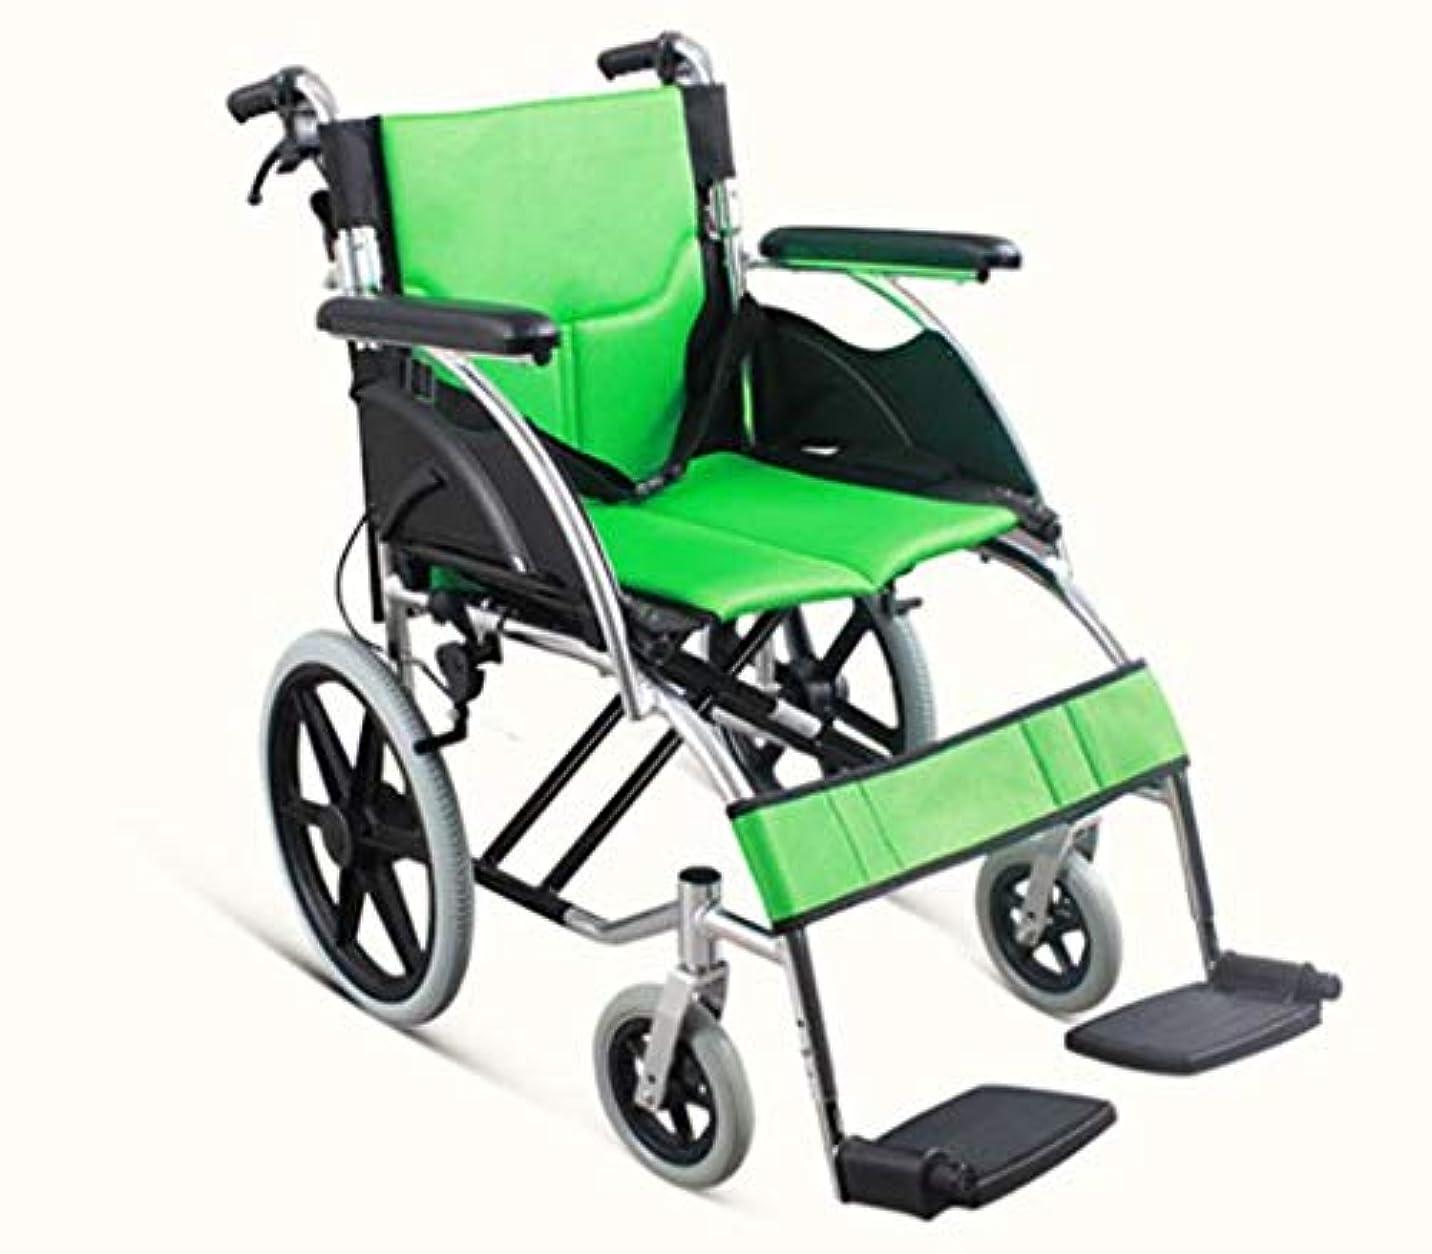 引き渡す支援特異性手動車椅子折りたたみ式、ポータブル車椅子高強度アルミニウム合金ブラケット、屋外旅行高齢者車椅子に適しています